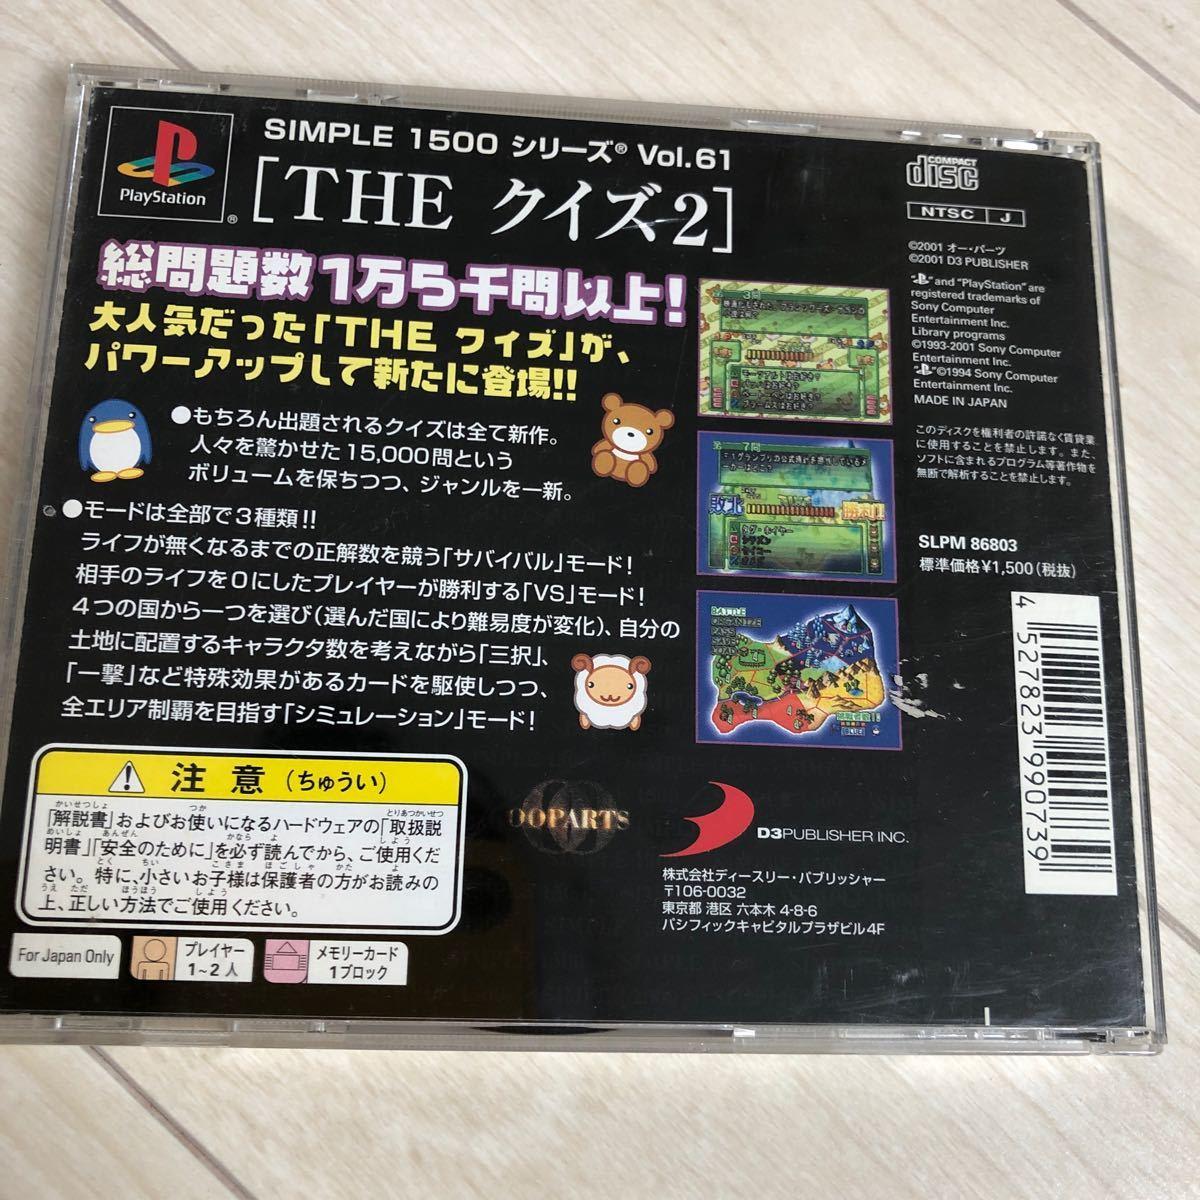 PS SIMPLE1500シリーズ Vol.61 THE クイズ2